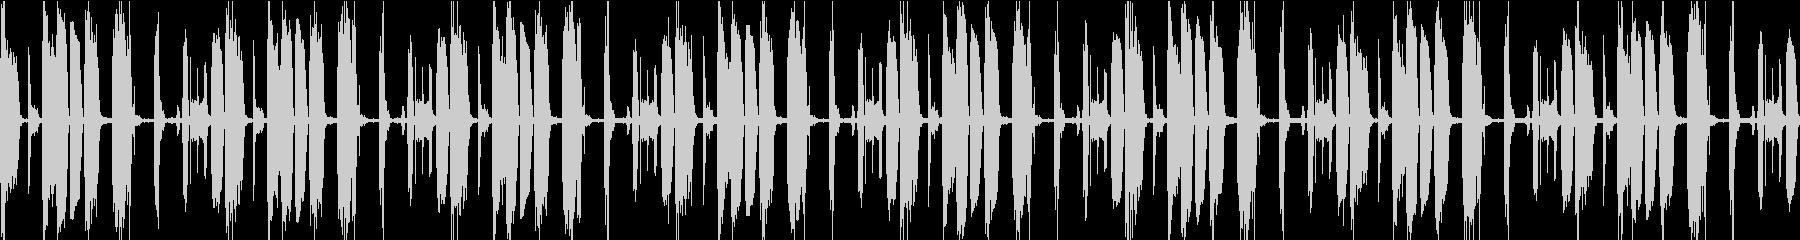 声、アルペジオ、リズム、ループ素材の未再生の波形